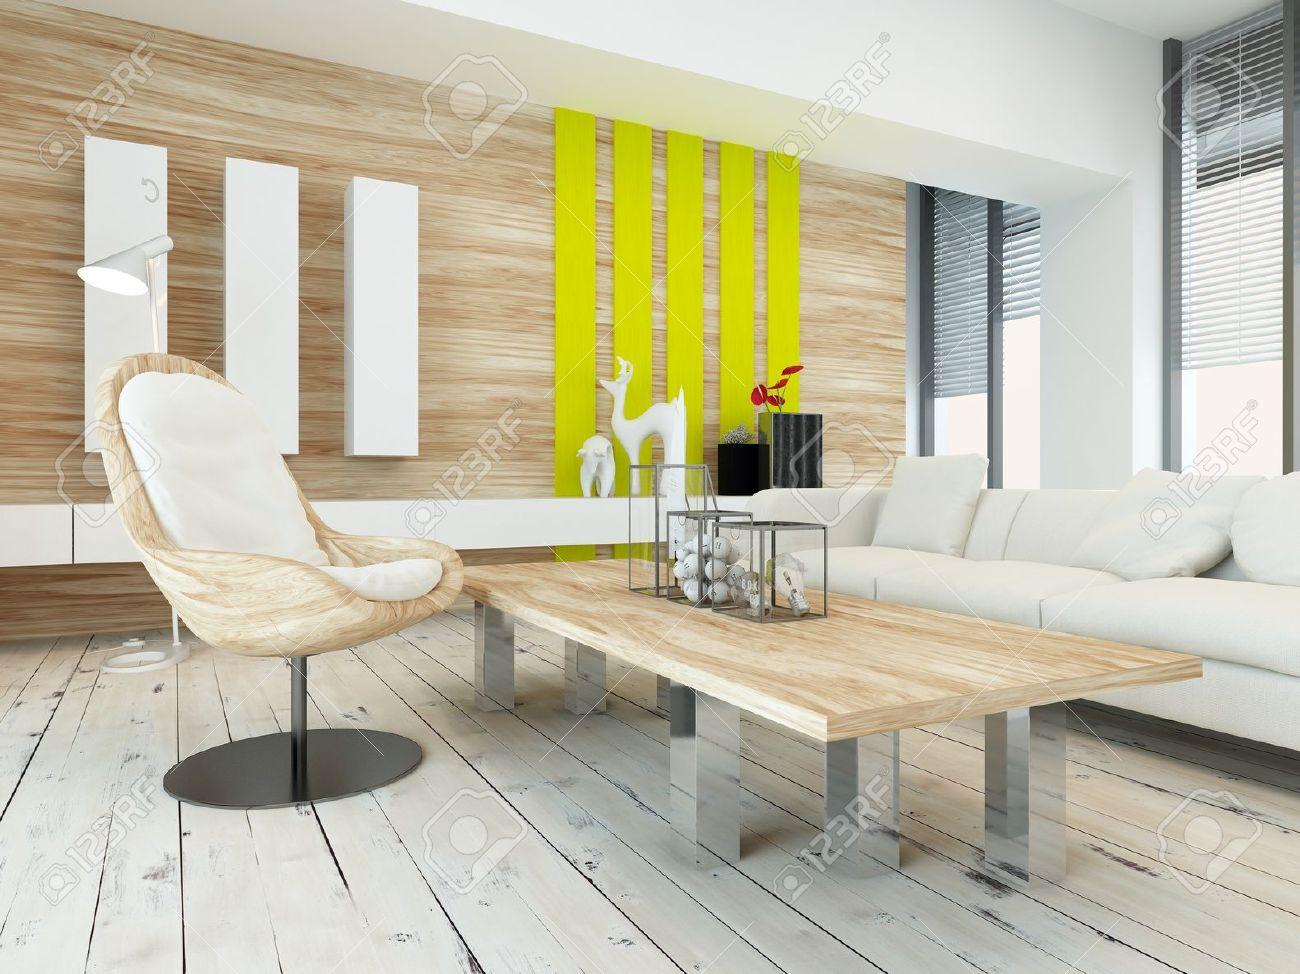 Rustik träfanér avsluta vardagsrum inredning med trä soffbord och ...